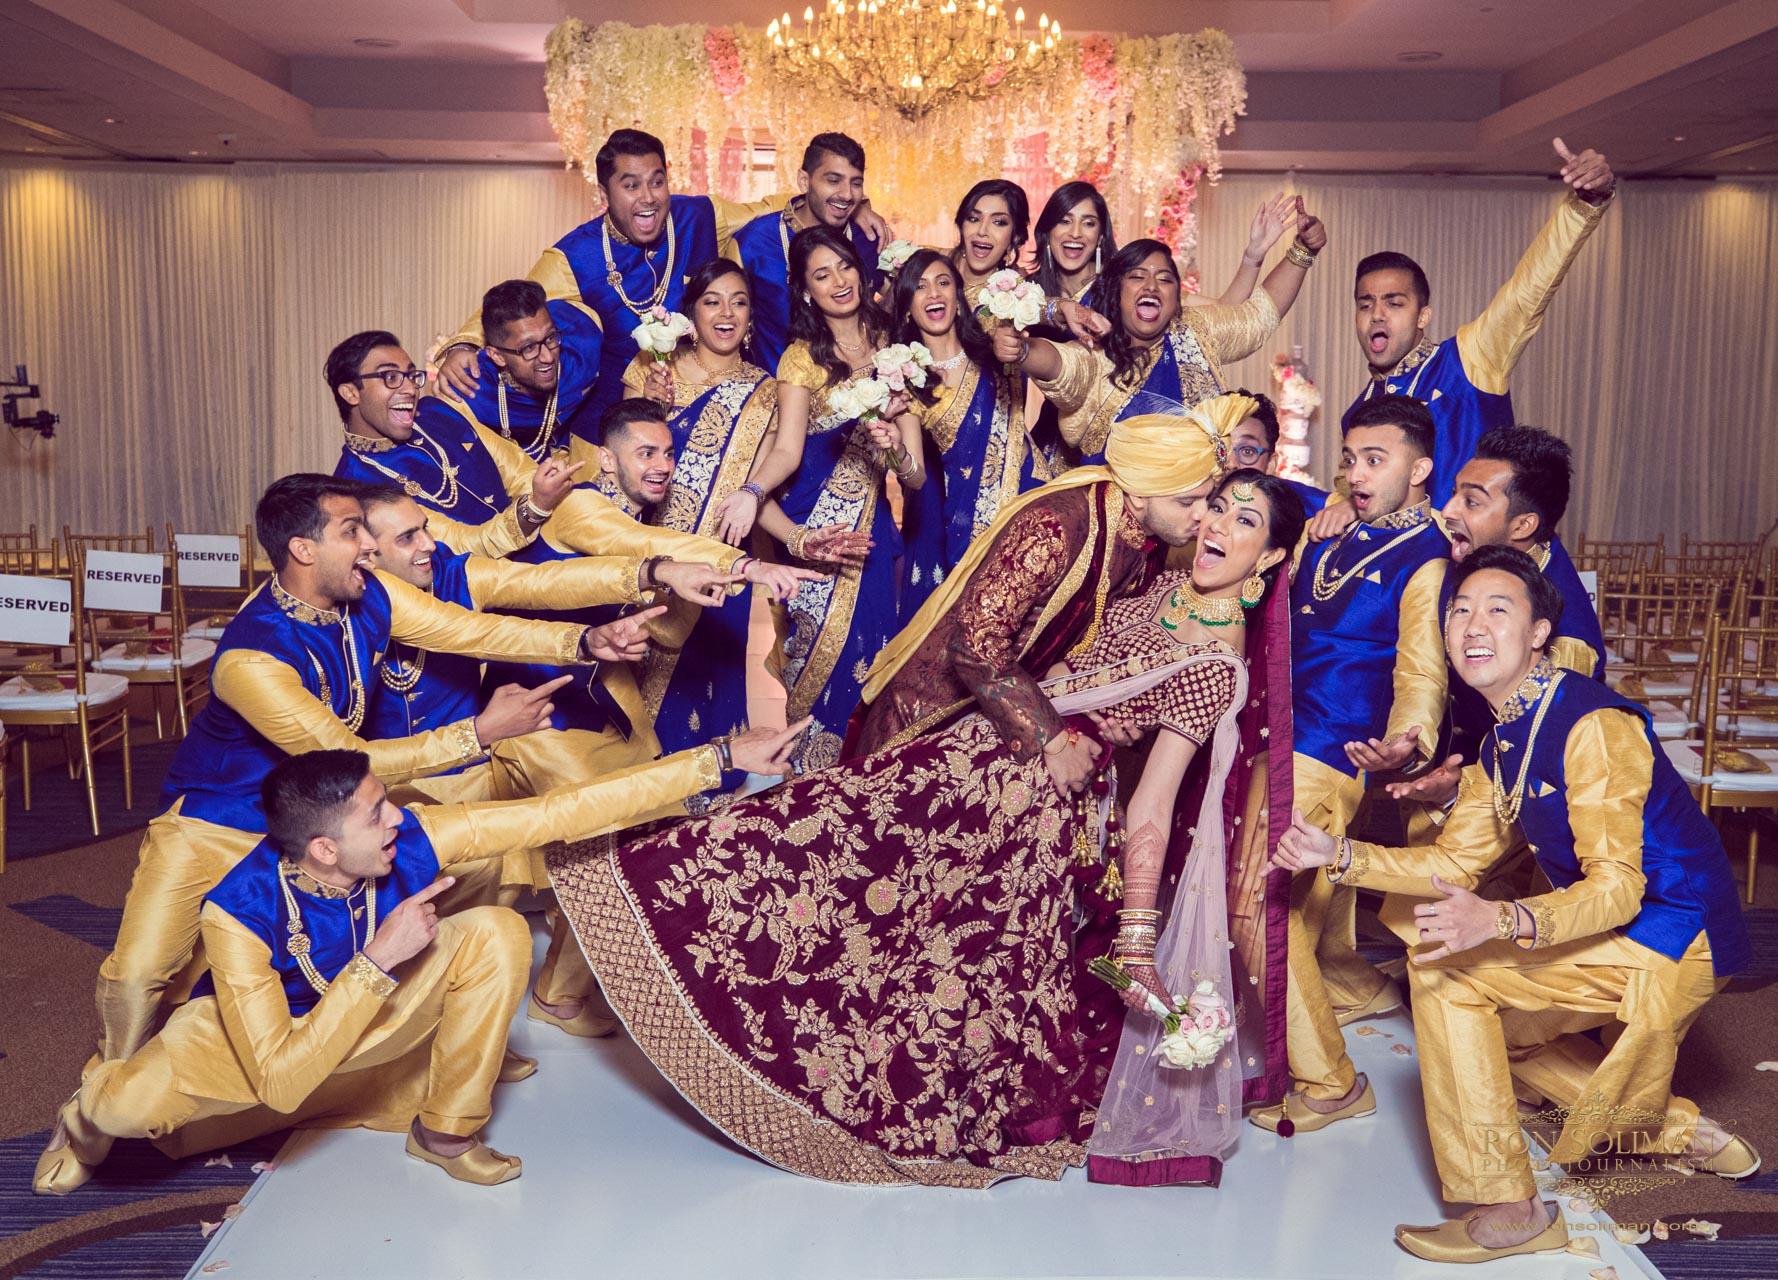 Sheraton Parsippany Hotel RM 13